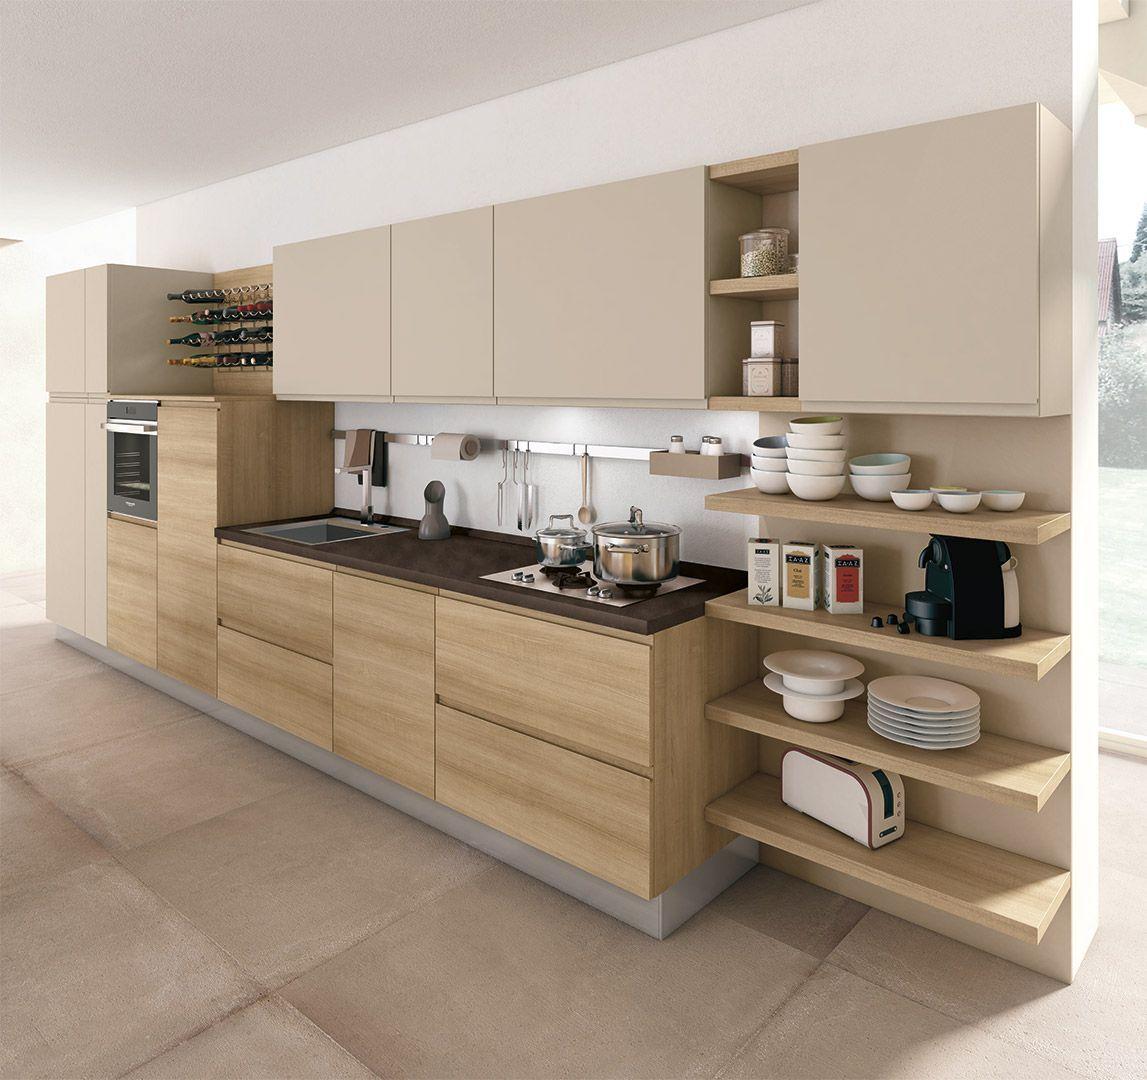 Creo Kitchens Cucine Moderne E Classiche Gruppo Lube Nel 2020 Arredo Interni Cucina Design Cucine Arredamento Moderno Cucina